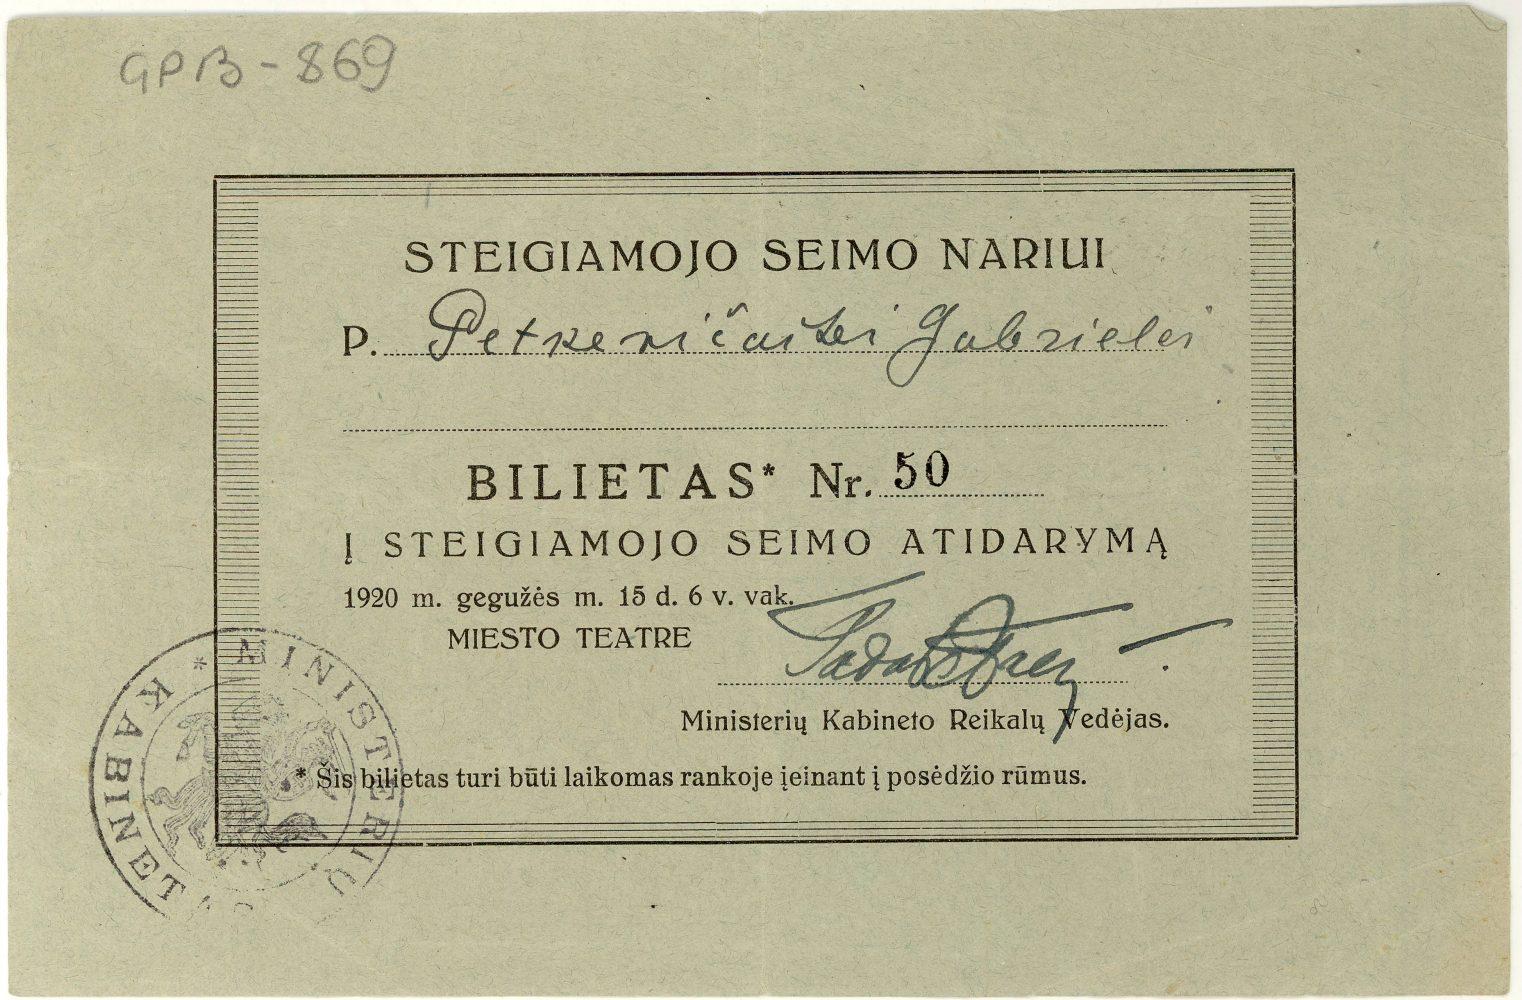 Bilietas į Steigiamojo Seimo atidarymą Steigiamojo Seimo narei Gabrielei Petkevičaitei. 1920 m. LLTI MB F30-869. Iš: https://paneveziokrastas.pavb.lt/virtuali-fotoparoda/gabriele-petkevicaite-bite-2/asmens-ir-visuomenines-veiklos-dokumentai/